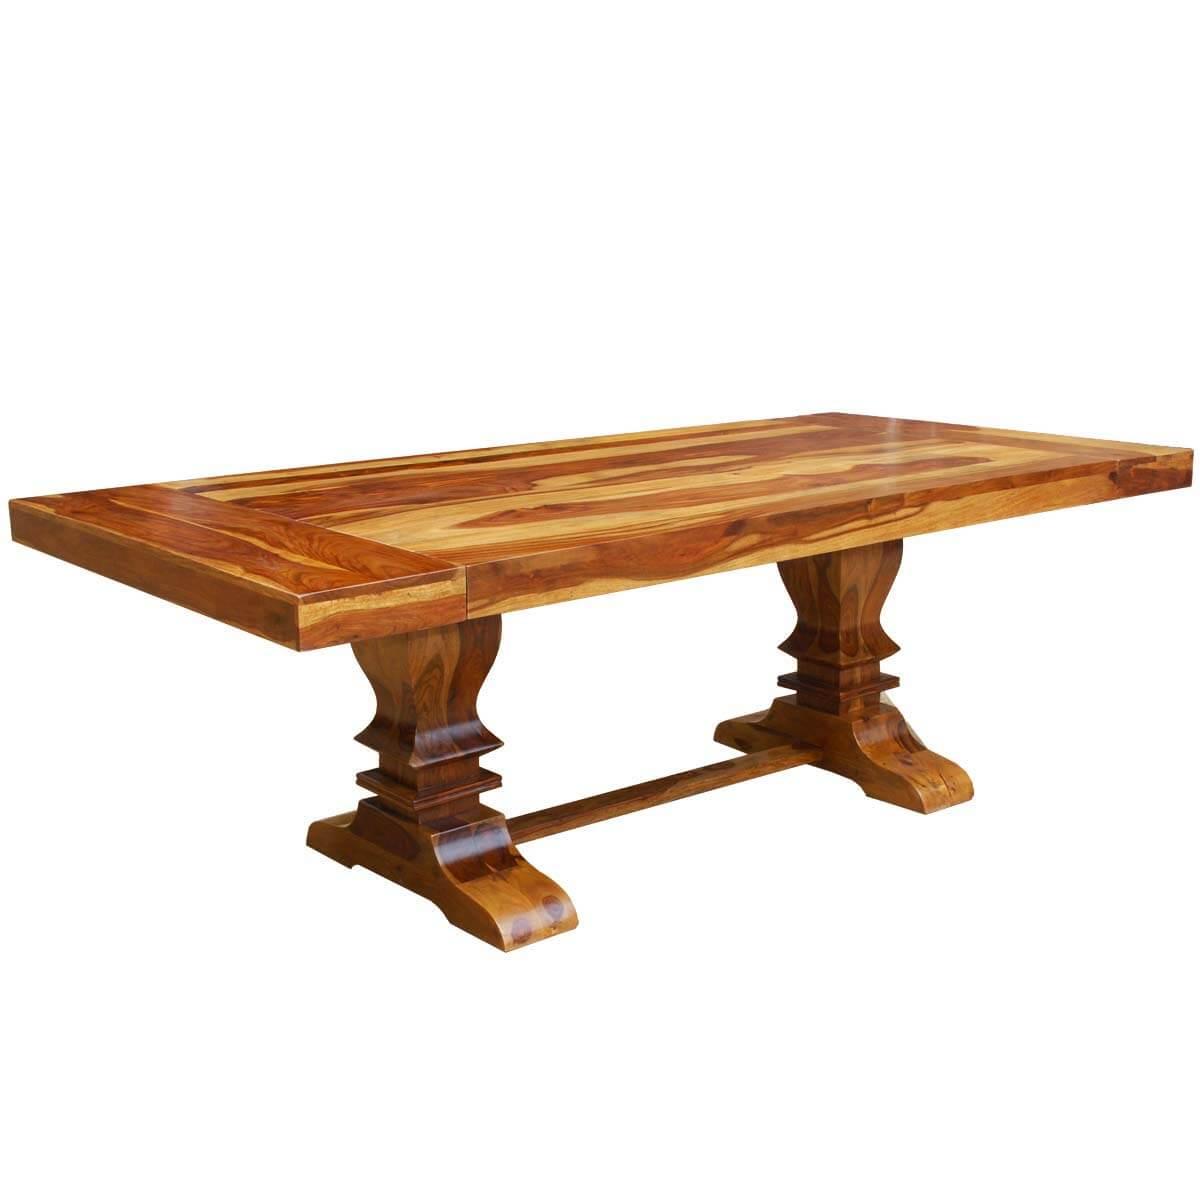 trestle pedestal solid wood nottingham rectangular dining table. Black Bedroom Furniture Sets. Home Design Ideas